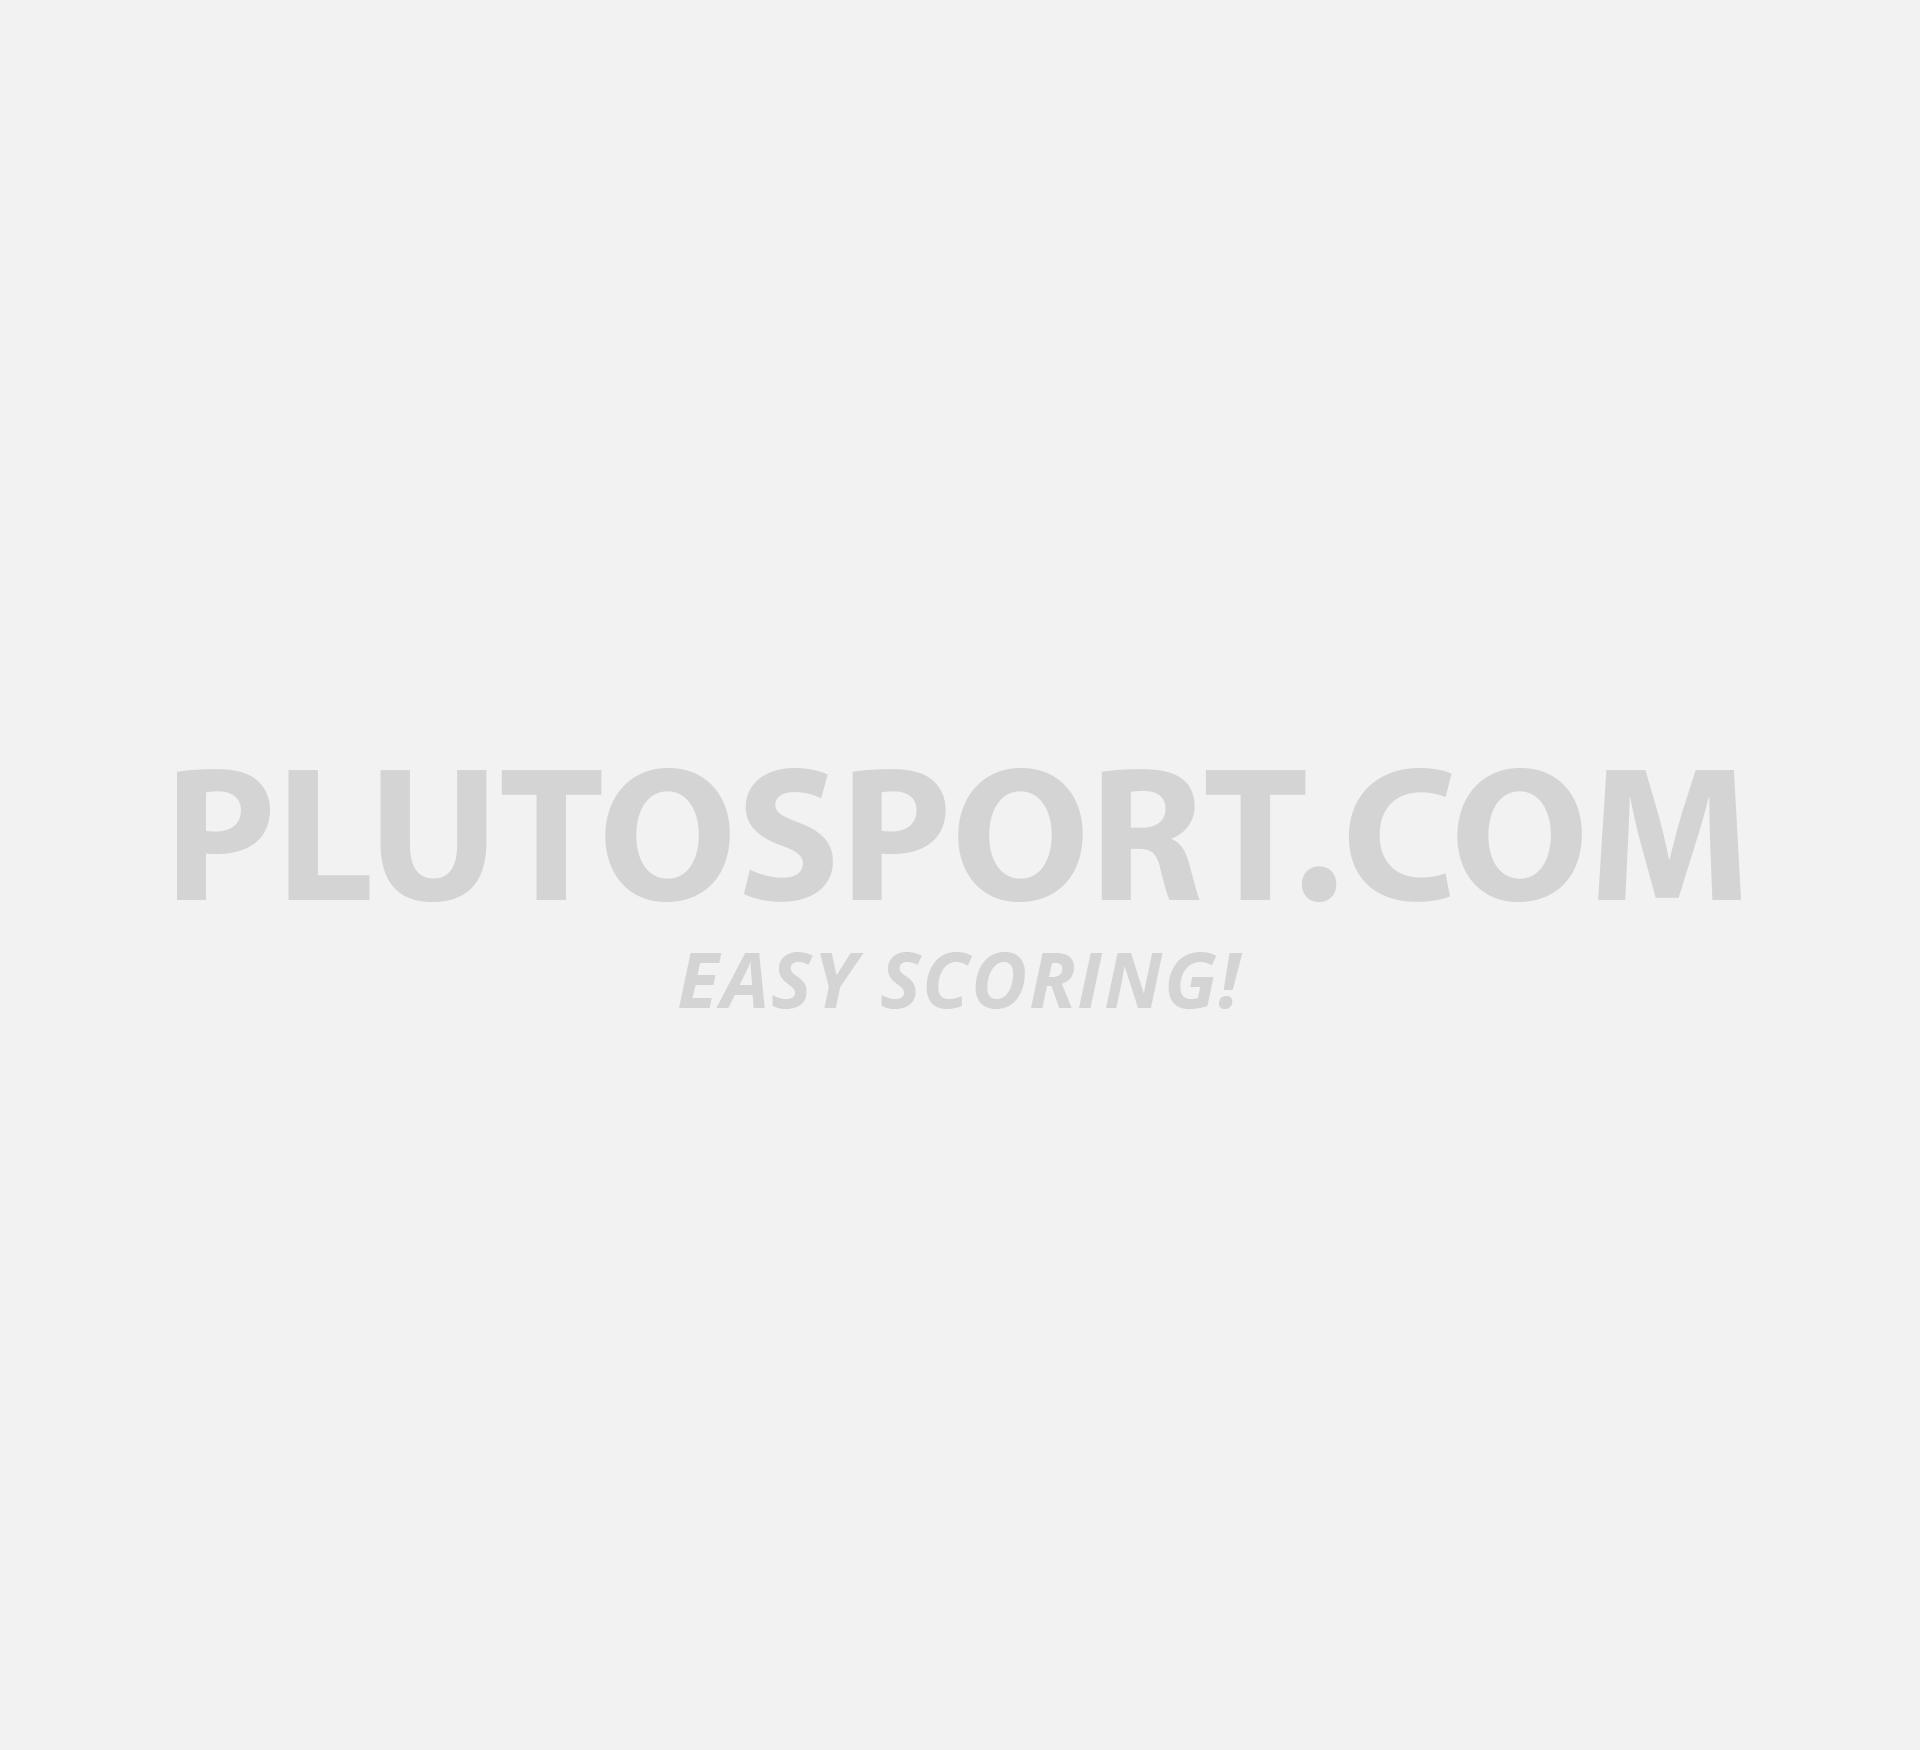 More Views. «» Adidas adipower Predator XTRX SG Footballshoes Men